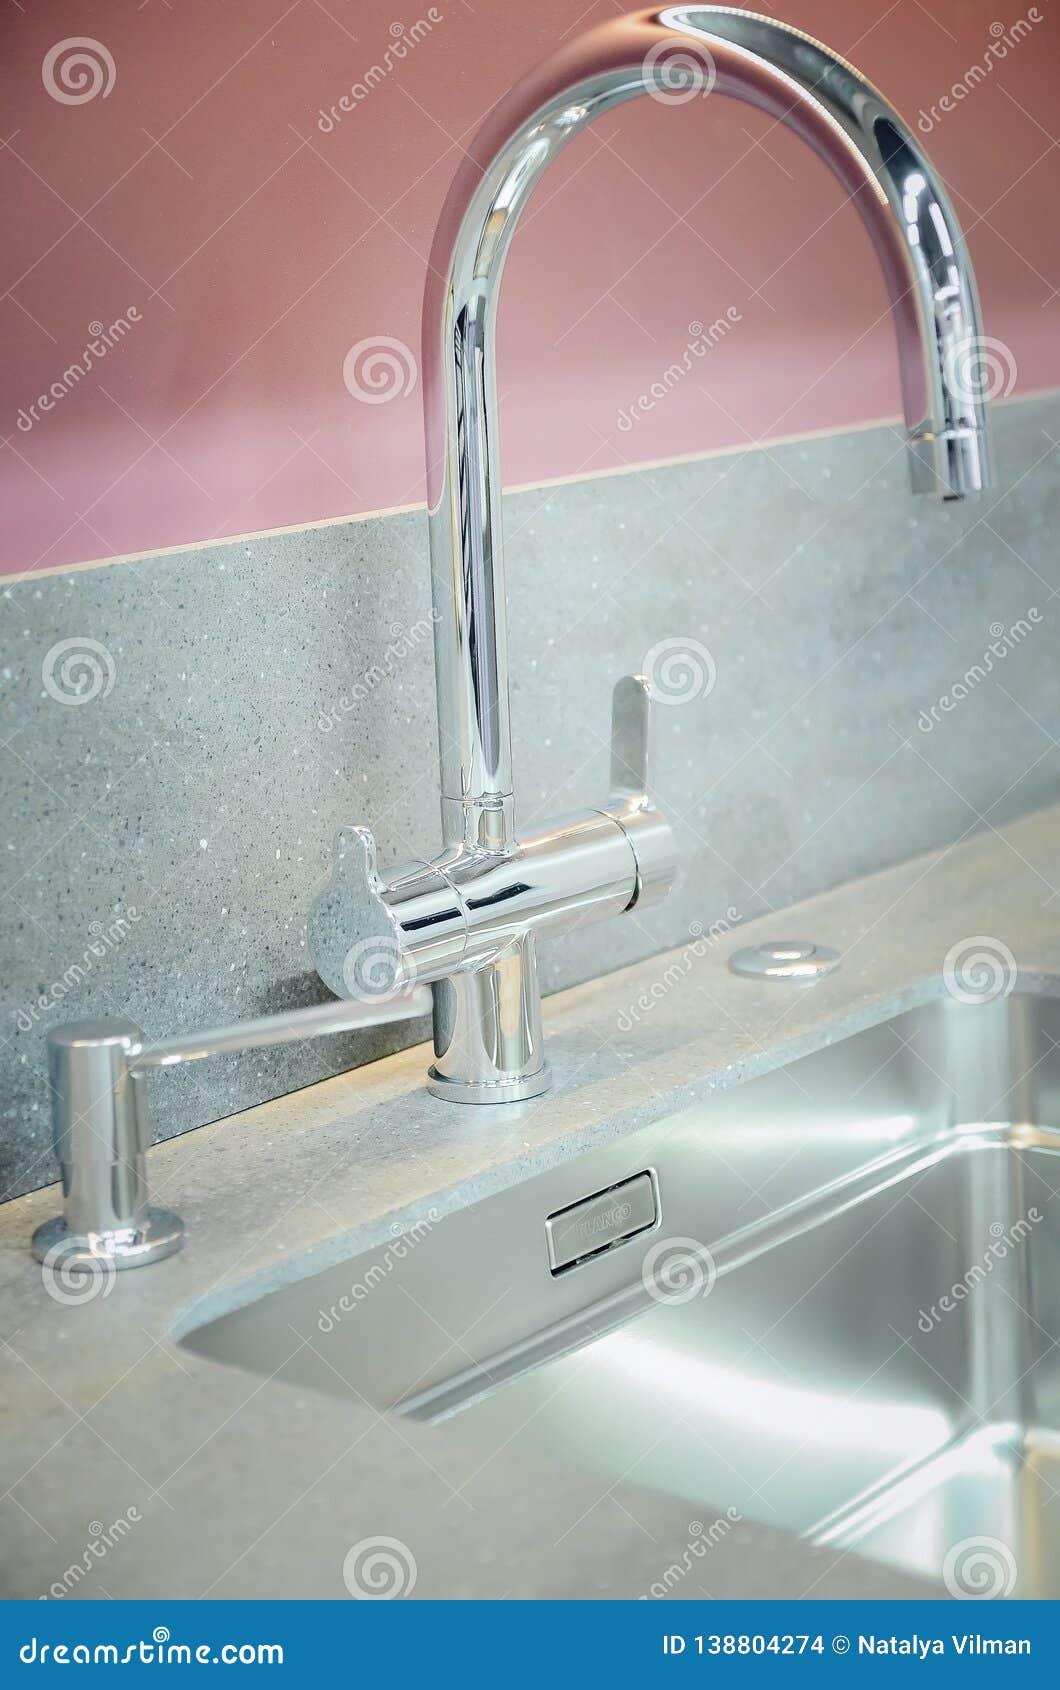 与一个人为石工作台面的一个新的厨房水槽 现代厨房内部的概念 垂直的摄影 特写镜头,